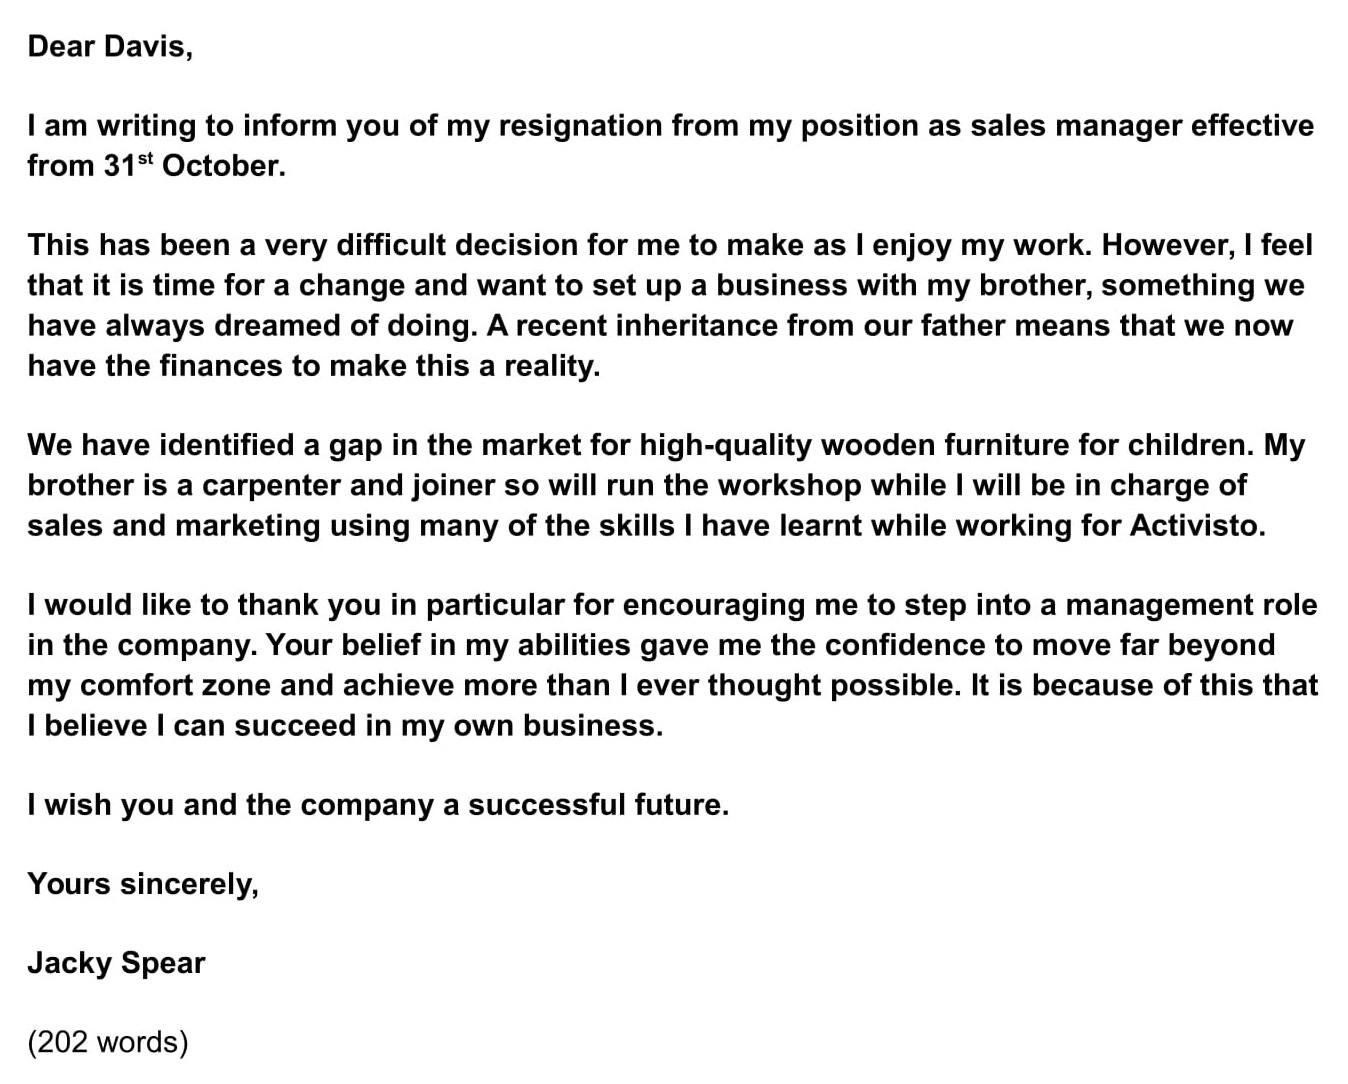 Informal Resignation Letter Sample from www.ieltsjacky.com